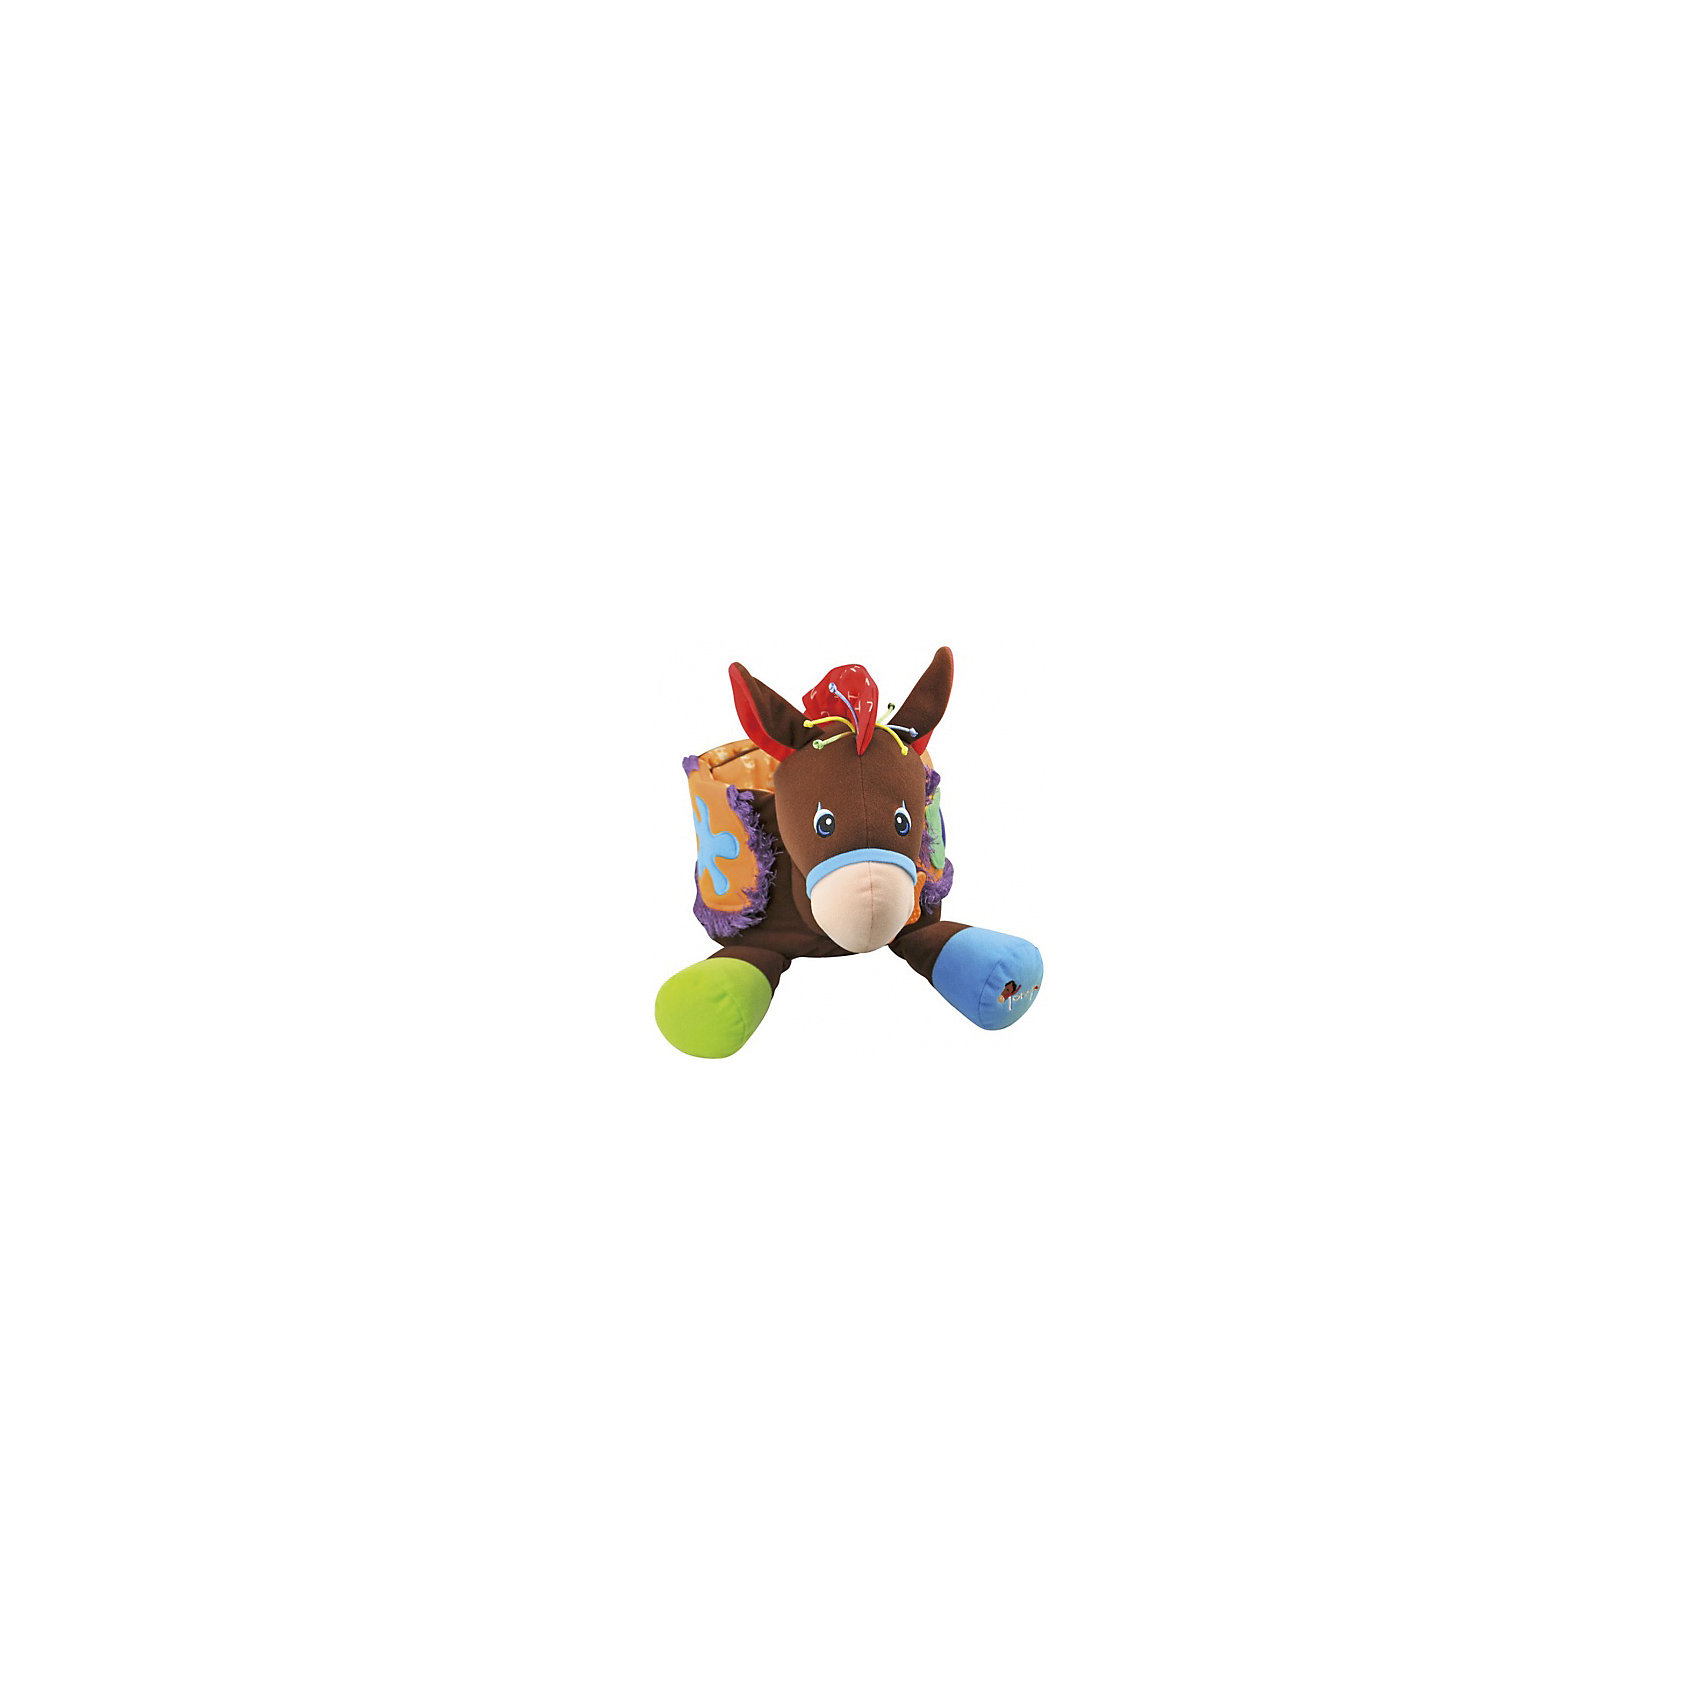 Развивающая игрушка Ковбой, Ks KidsРазвивающие игрушки<br>Развивающая игрушка Ковбой, Ks Kids (Кс Кидс) ? совершенно уникальная развивающая игрушка. Особенность ее заключается в том, что она сделана в форме пояса, который можно надеть на ребенка, позволяя тем самым имитировать верховую езду на коне.  При нажатии на коня, Тони издает различные звуки.<br>Тони изготовлен из высококачественного текстильного материала, имеет различные развивающие элементы: у седла закреплены прорезыватель и погремушка, хохолок на голове изготовлен из толстого разноцветного шнура, грива ? из шуршащего материала.<br>Развивающая игрушка Ковбой, Ks Kids позволит вашему малышу развивать воображение, придумывая различные приключенческие истории, путешествуя верхом на Тони.<br><br>Дополнительная информация:<br><br>- Вид игр: подвижные, сюжетно-ролевые<br>- Предназначение: для дома, для улицы<br>- Материал: текстиль, пластик<br>- Батарейки: 3 шт. типа LR44 (в комплект не входят)<br>- Размер: 31*28*17 см<br>- Вес: 1,0 кг<br>- Особенности ухода: разрешается деликатная стирка <br><br>Подробнее:<br><br>• Для детей в возрасте: от 0 месяцев до 1 года<br>• Страна производитель: Китай<br>• Торговый бренд: Ks Kids<br><br>Развивающую игрушку Ковбой, Ks Kids (Кс Кидс) можно купить в нашем интернет-магазине.<br><br>Ширина мм: 300<br>Глубина мм: 290<br>Высота мм: 160<br>Вес г: 772<br>Возраст от месяцев: 0<br>Возраст до месяцев: 12<br>Пол: Унисекс<br>Возраст: Детский<br>SKU: 4790451